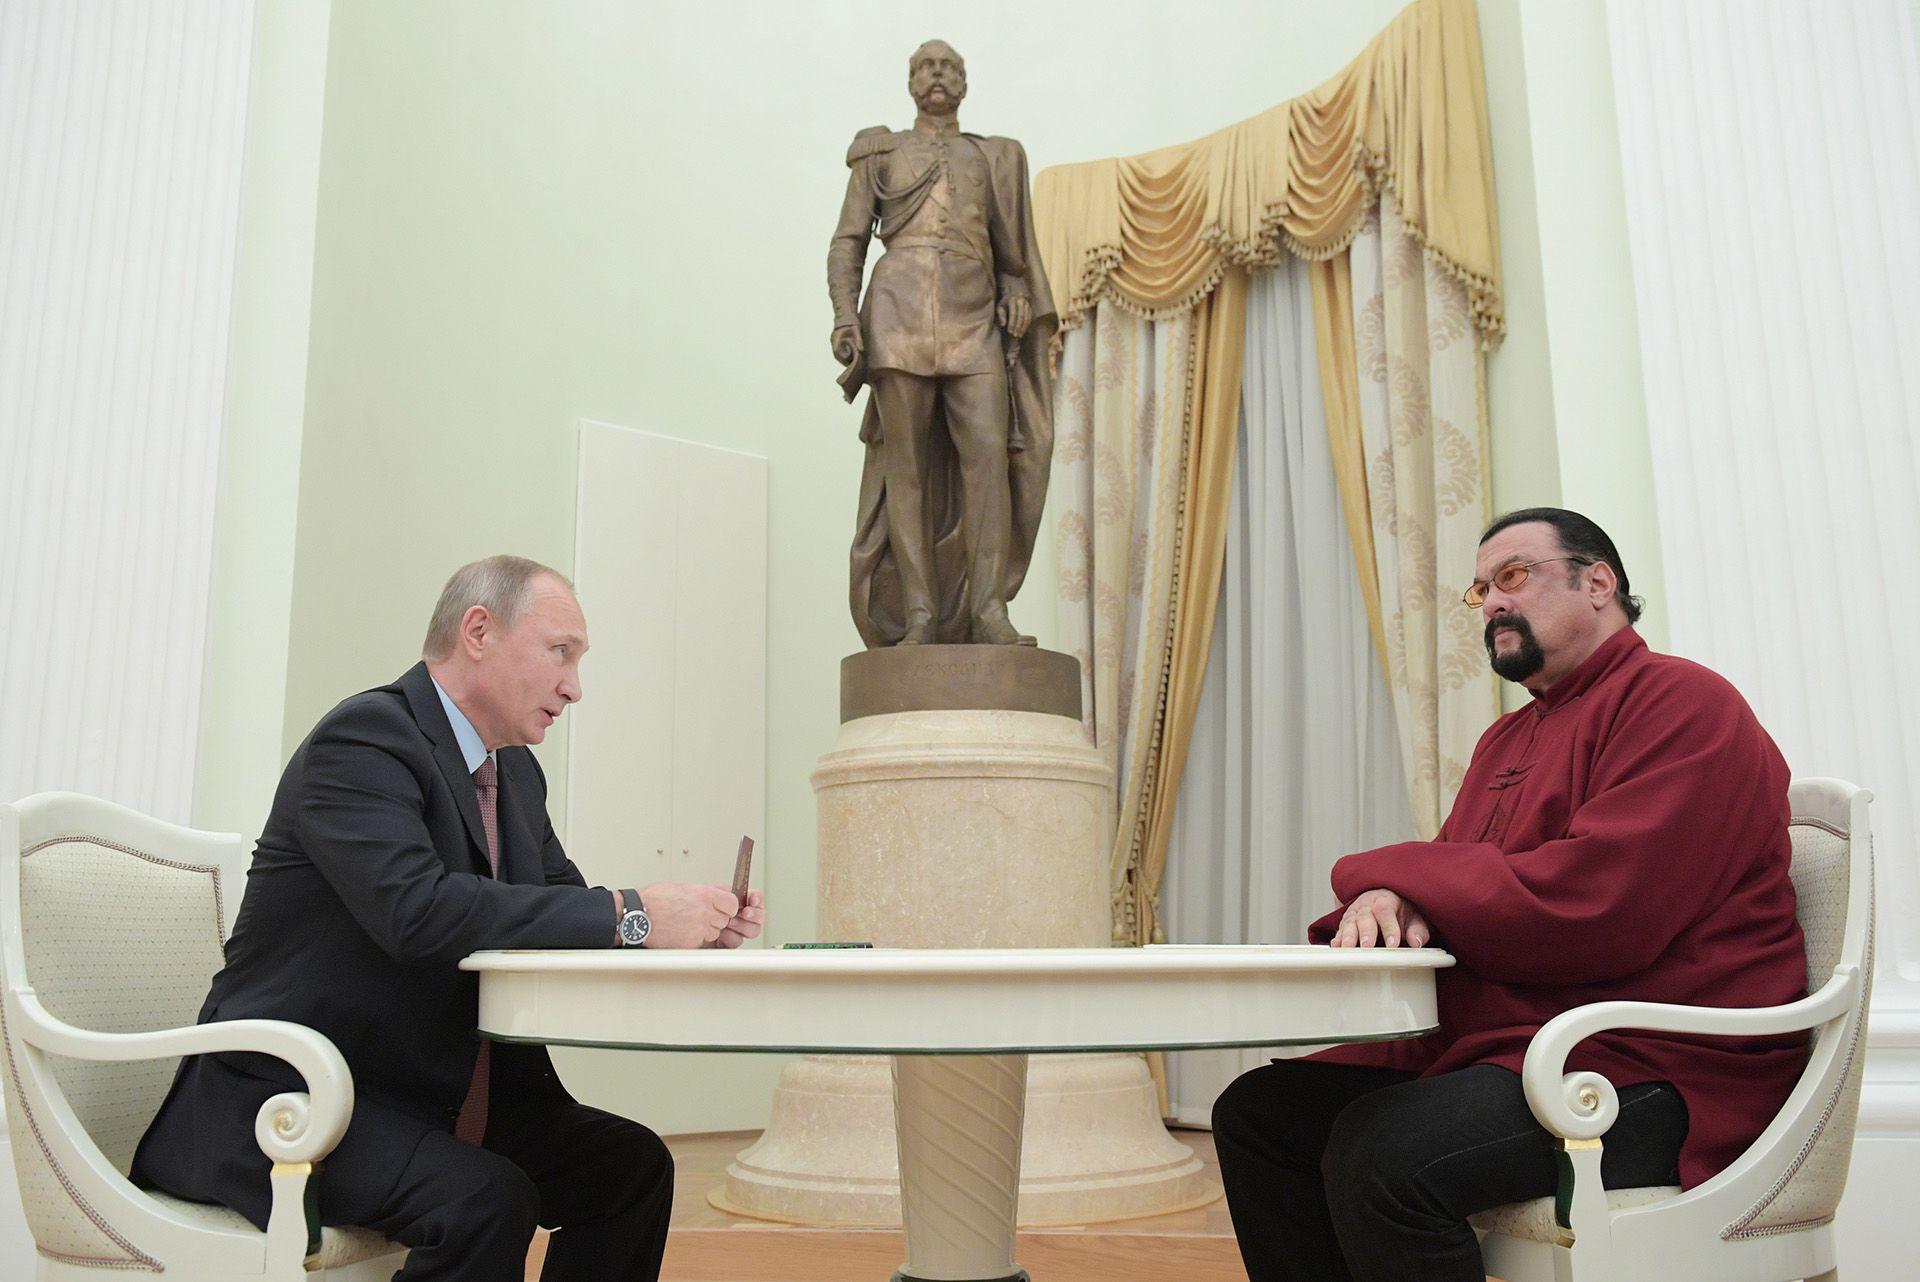 Putyin átadja Seagal orosz útlevelét a Kremlben (fotó: Alexei DruzhininTASS via Getty Images)